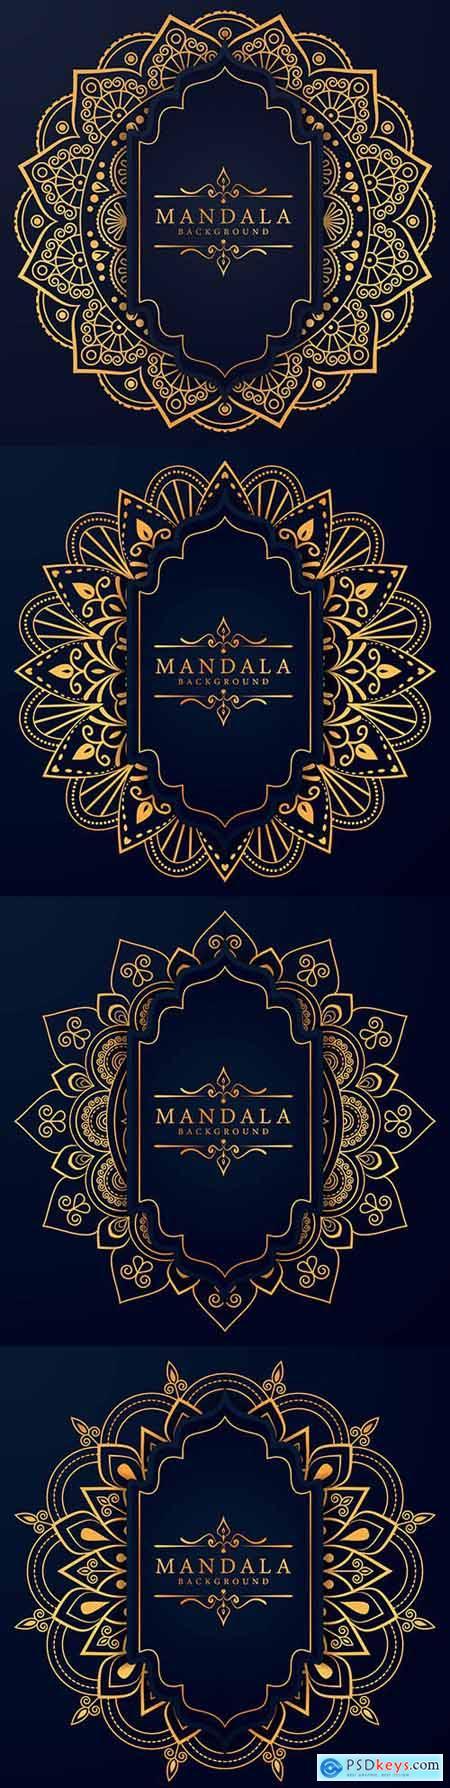 Mandala creative luxury arabesky design background